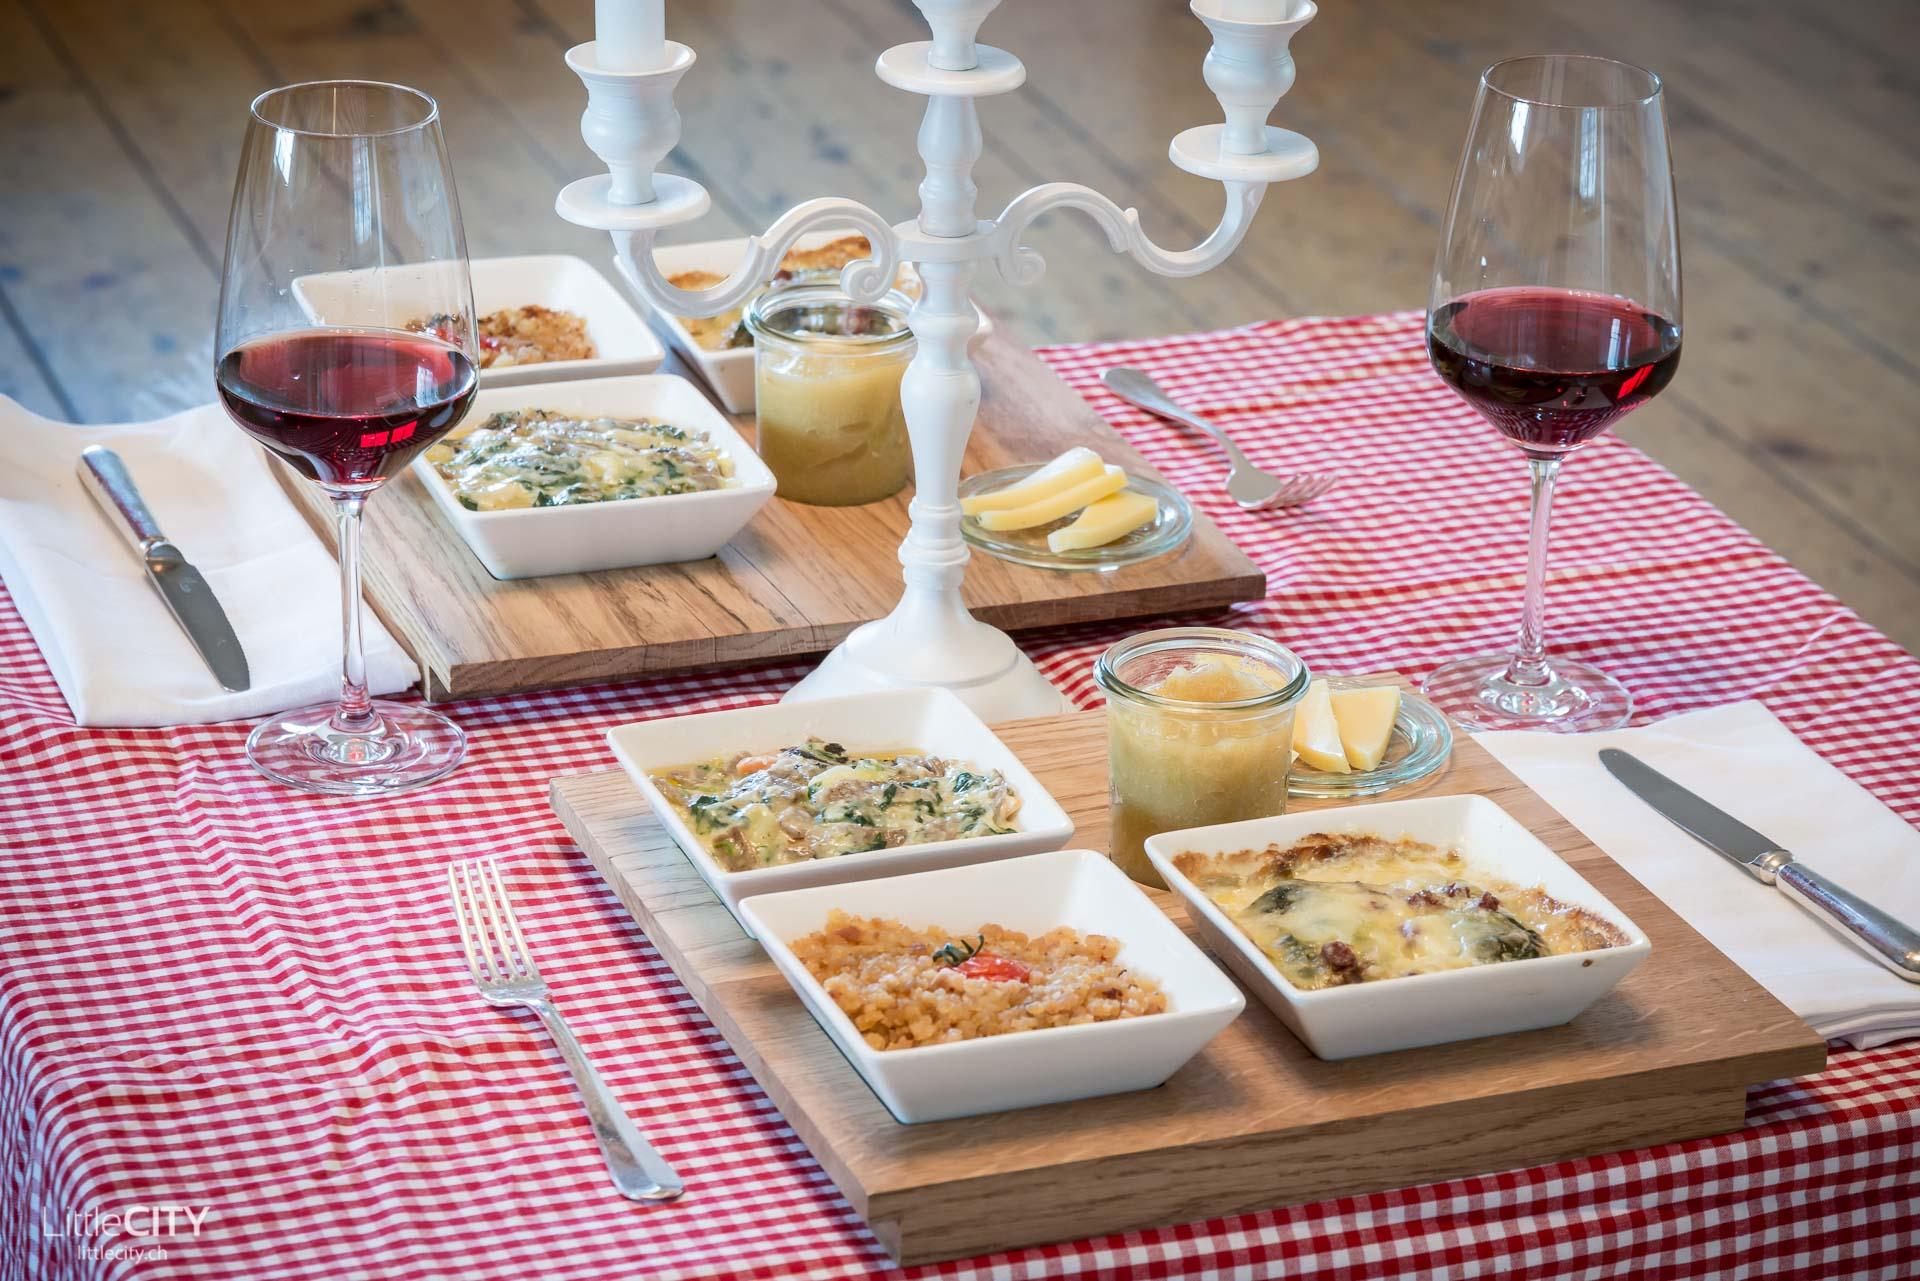 chur-st-martinskirche-buendner-trilogie-dinner